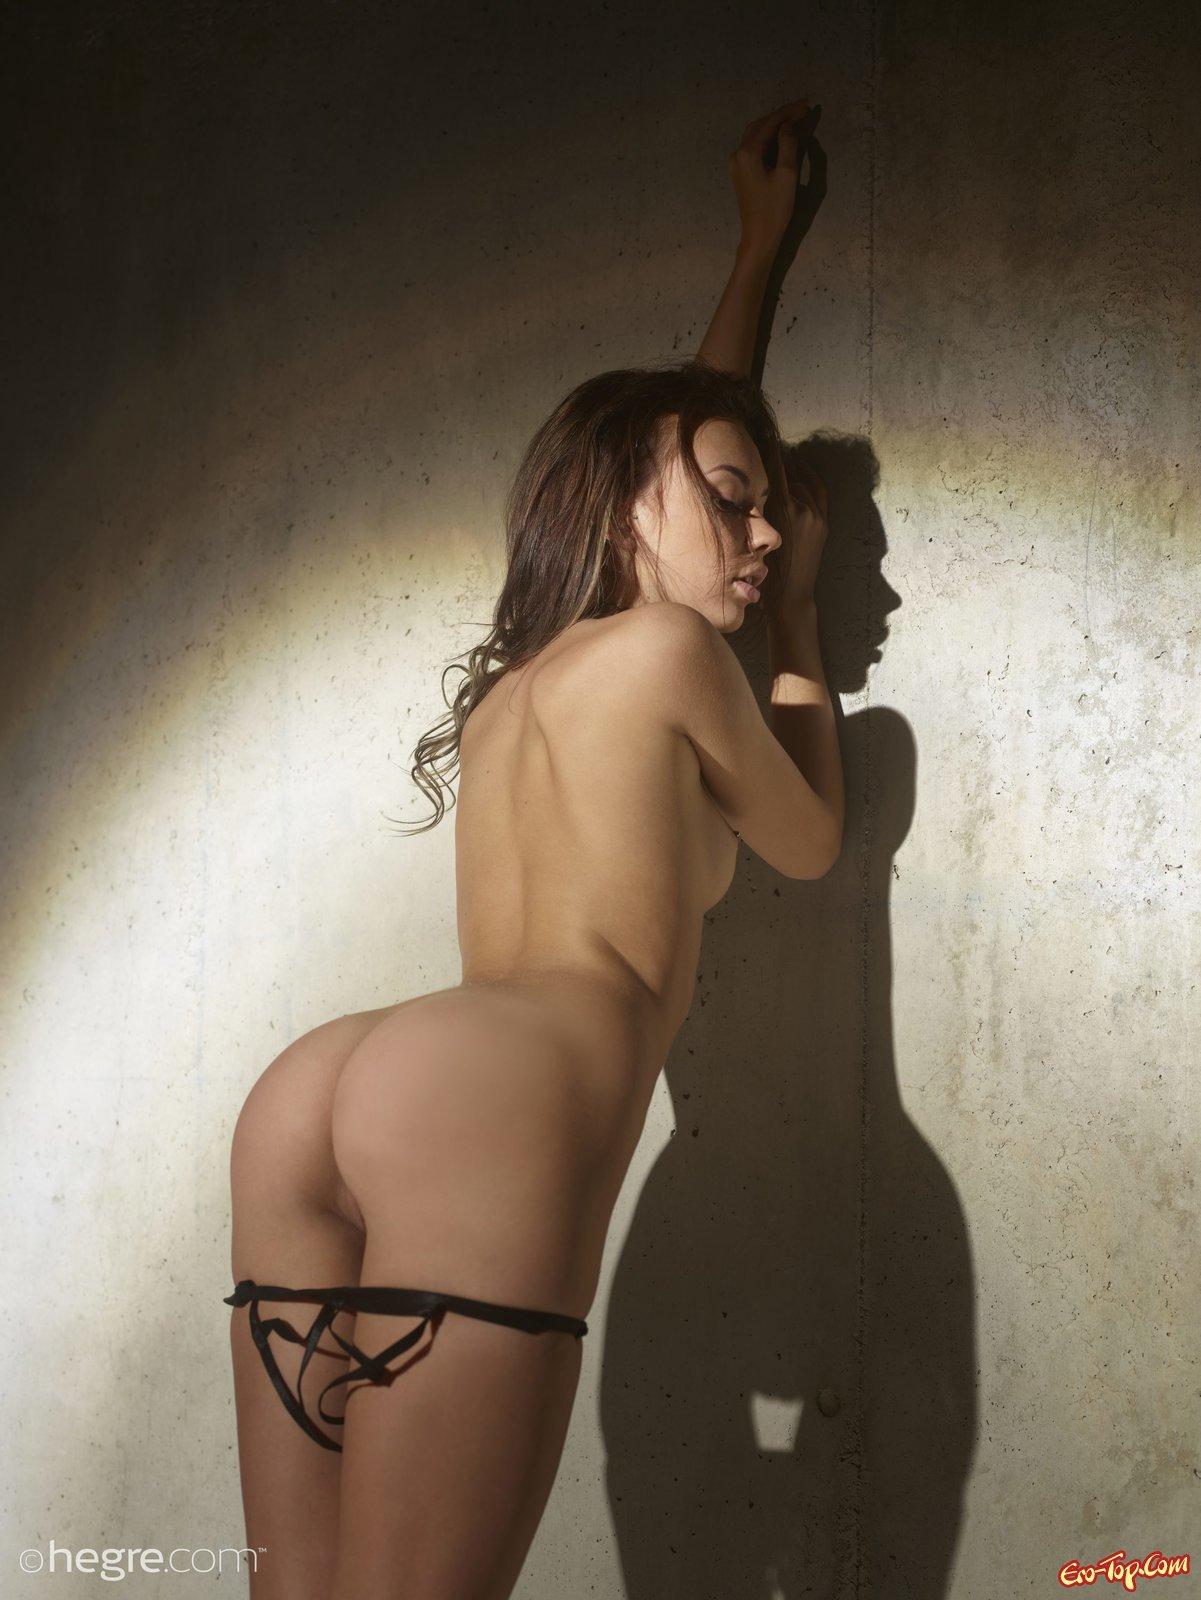 Няшка в соблазнительным нижнем белье снимается у стены секс фото